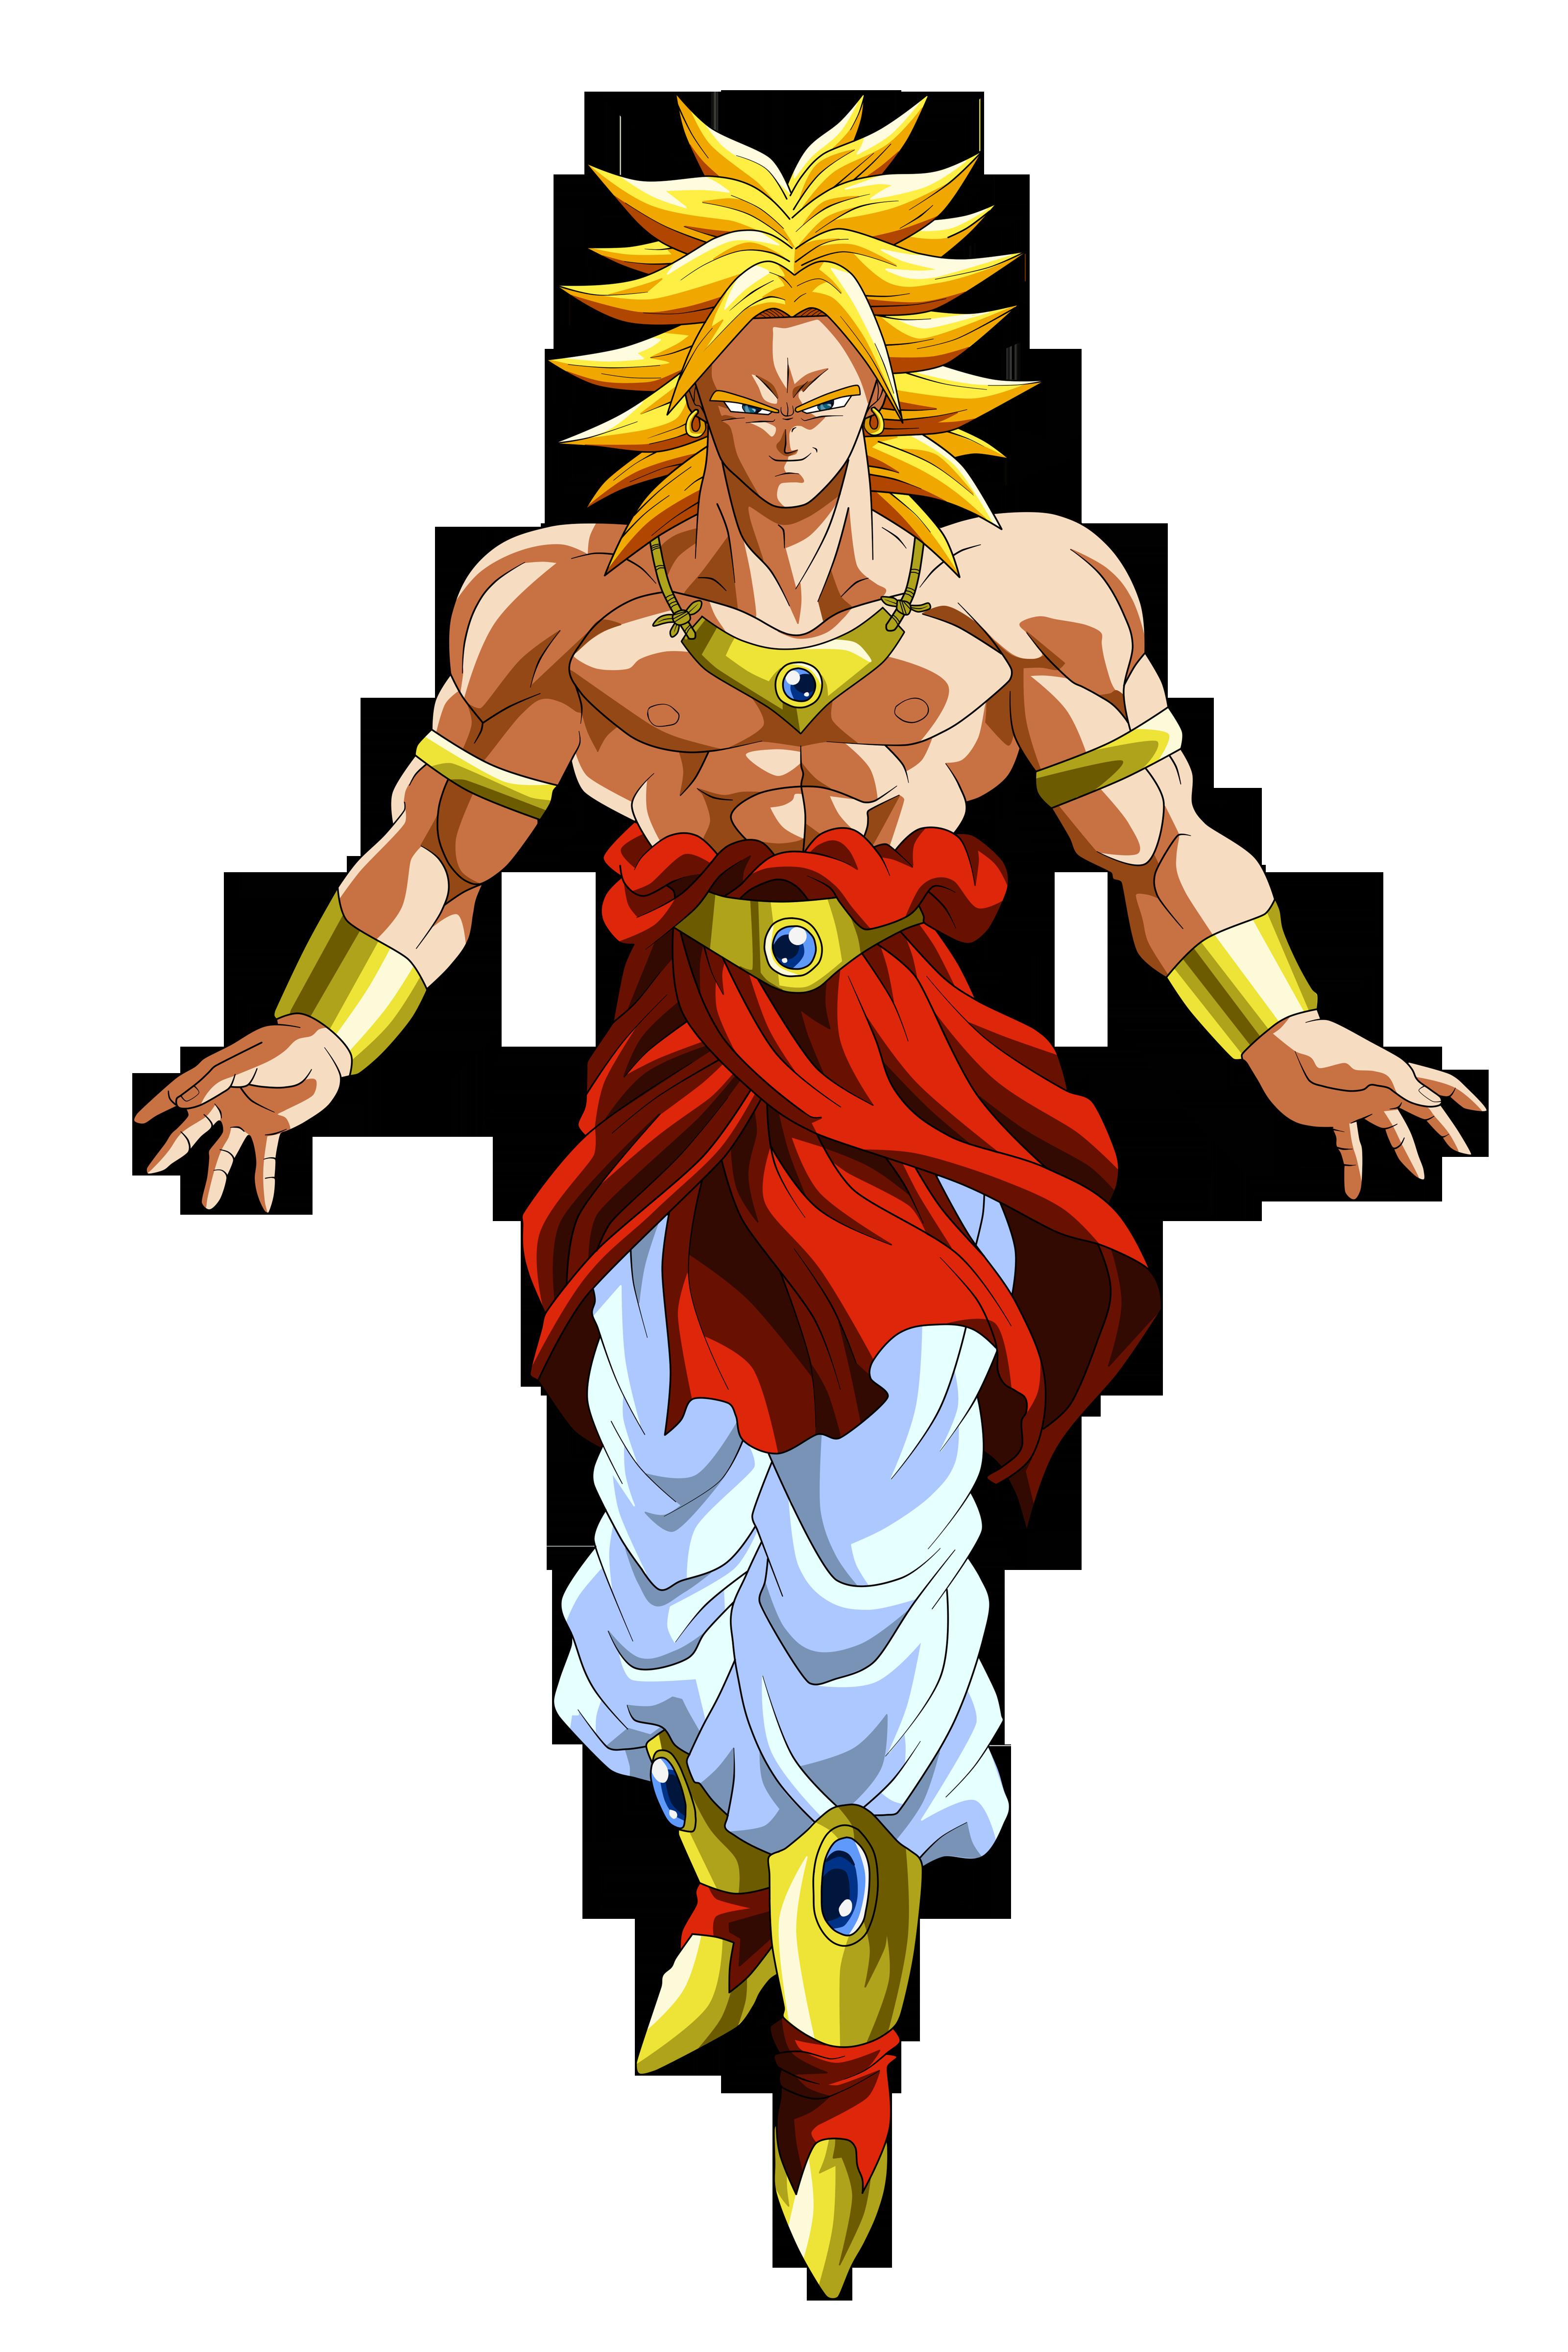 Broly Super Saiyan by Goku-Kakarot on DeviantArt